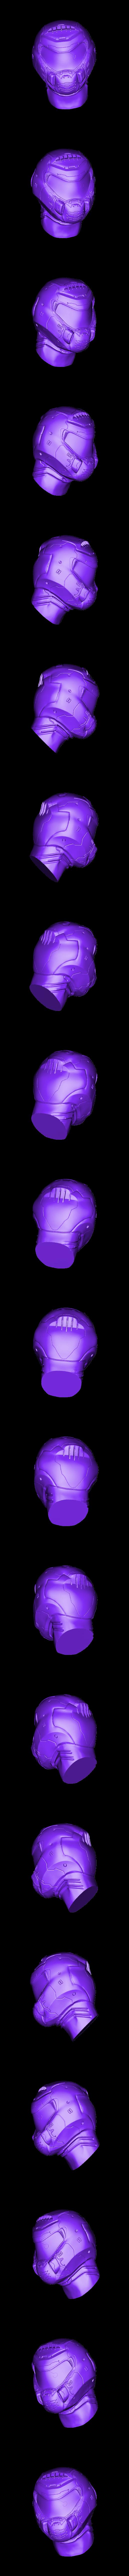 DoomHead.stl Télécharger fichier STL TUEUR À GAGES • Objet à imprimer en 3D, freeclimbingbo